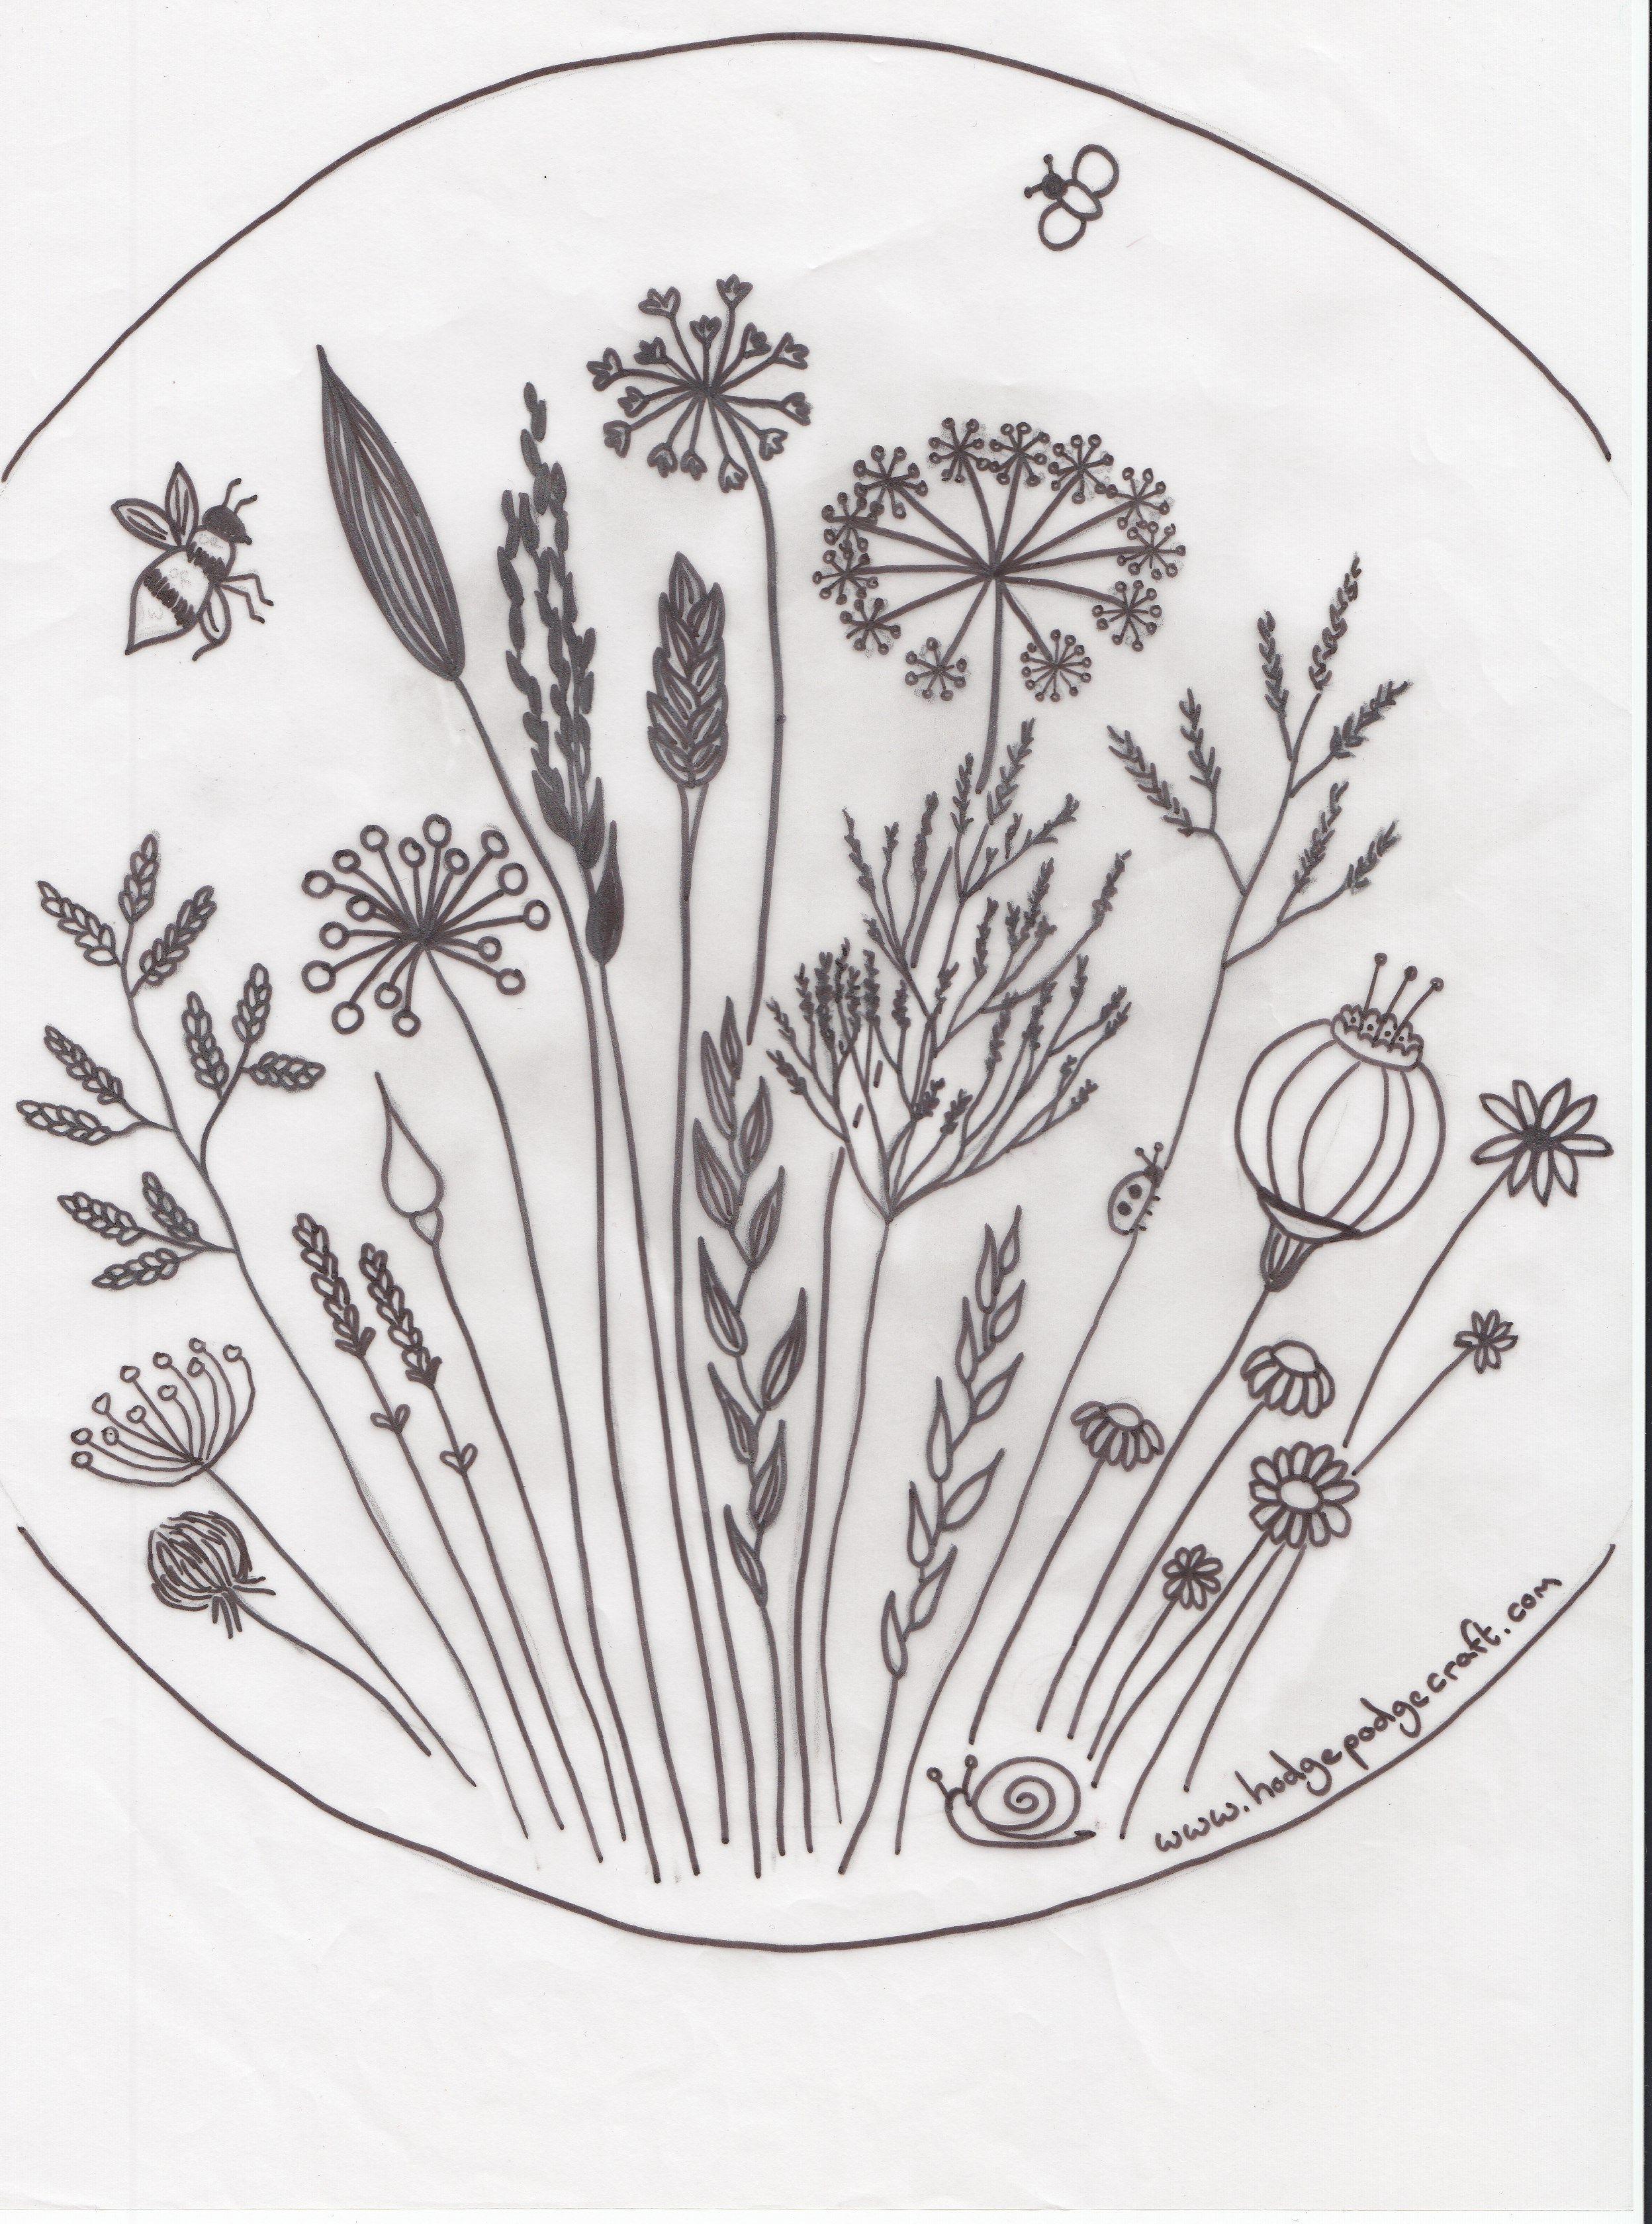 Pin de Nora Mayado en dibujos | Bordado, Bordado crewel y Patrones ...